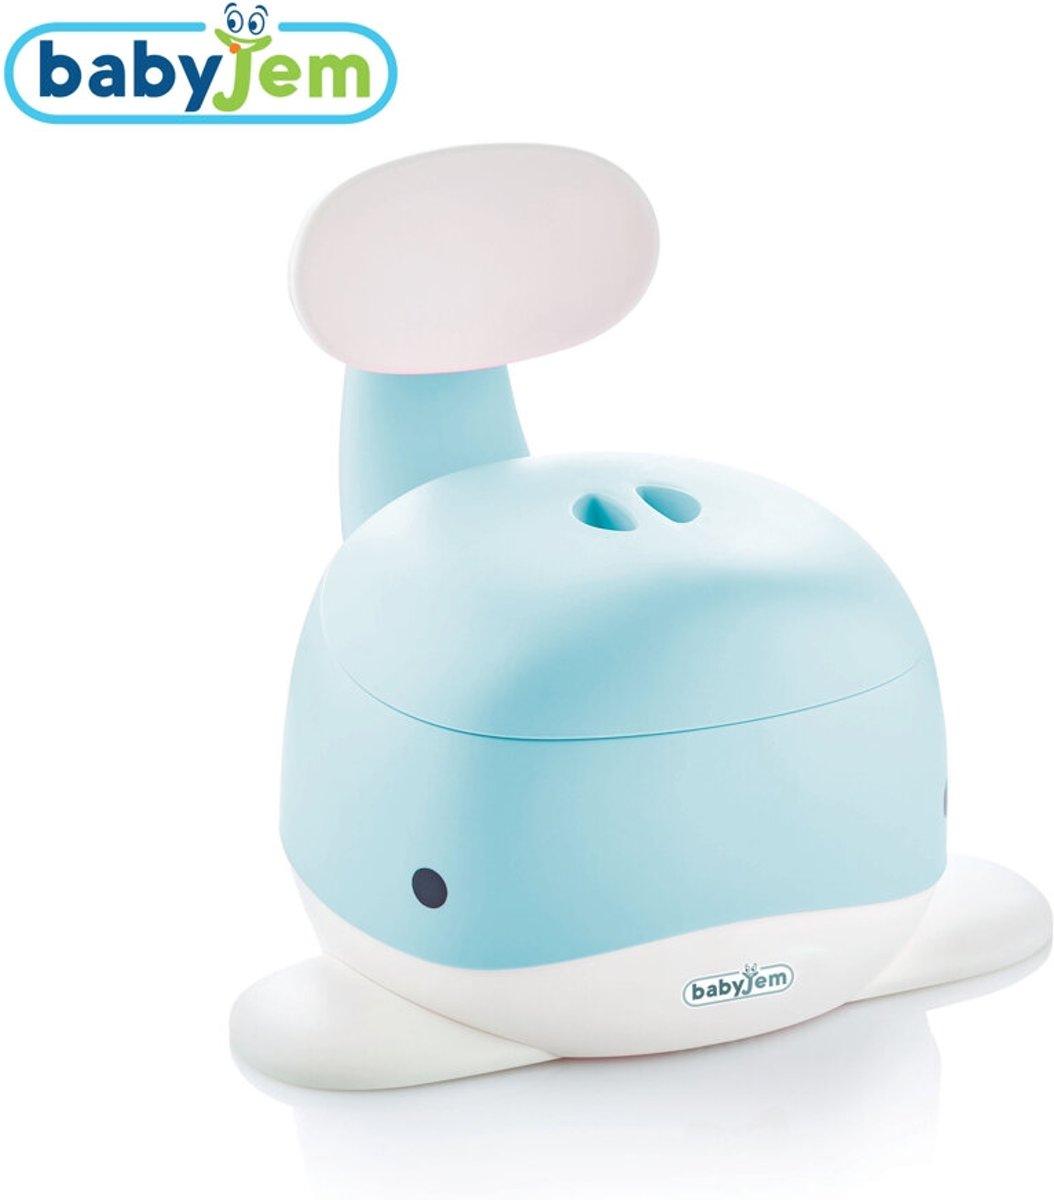 Babyjem Blauwe Walvis Potje , Praktische Toilet Training voor Peuter , Licht , Duurzaam , Hygienisch met Makkelijke Schoonmaken en Afzetbare Gedeeltes kopen